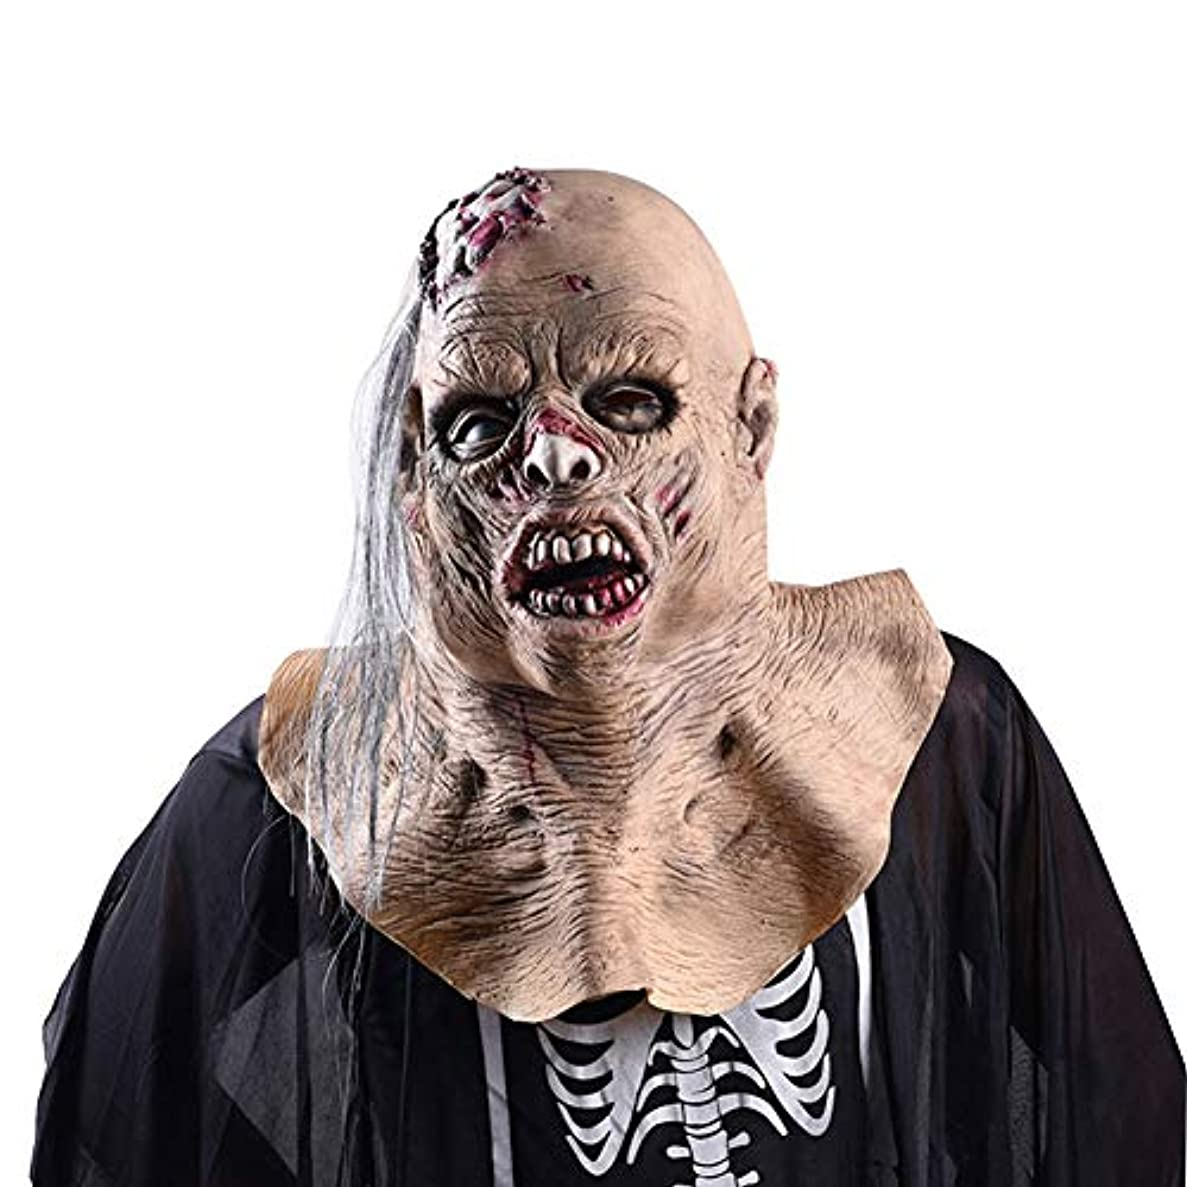 環境に優しい息子おばあさんハロウィーンマスク、吸血鬼のラテックスマスク、ハロウィーン、テーマパーティー、カーニバル、レイブパーティー、バー、小道具。